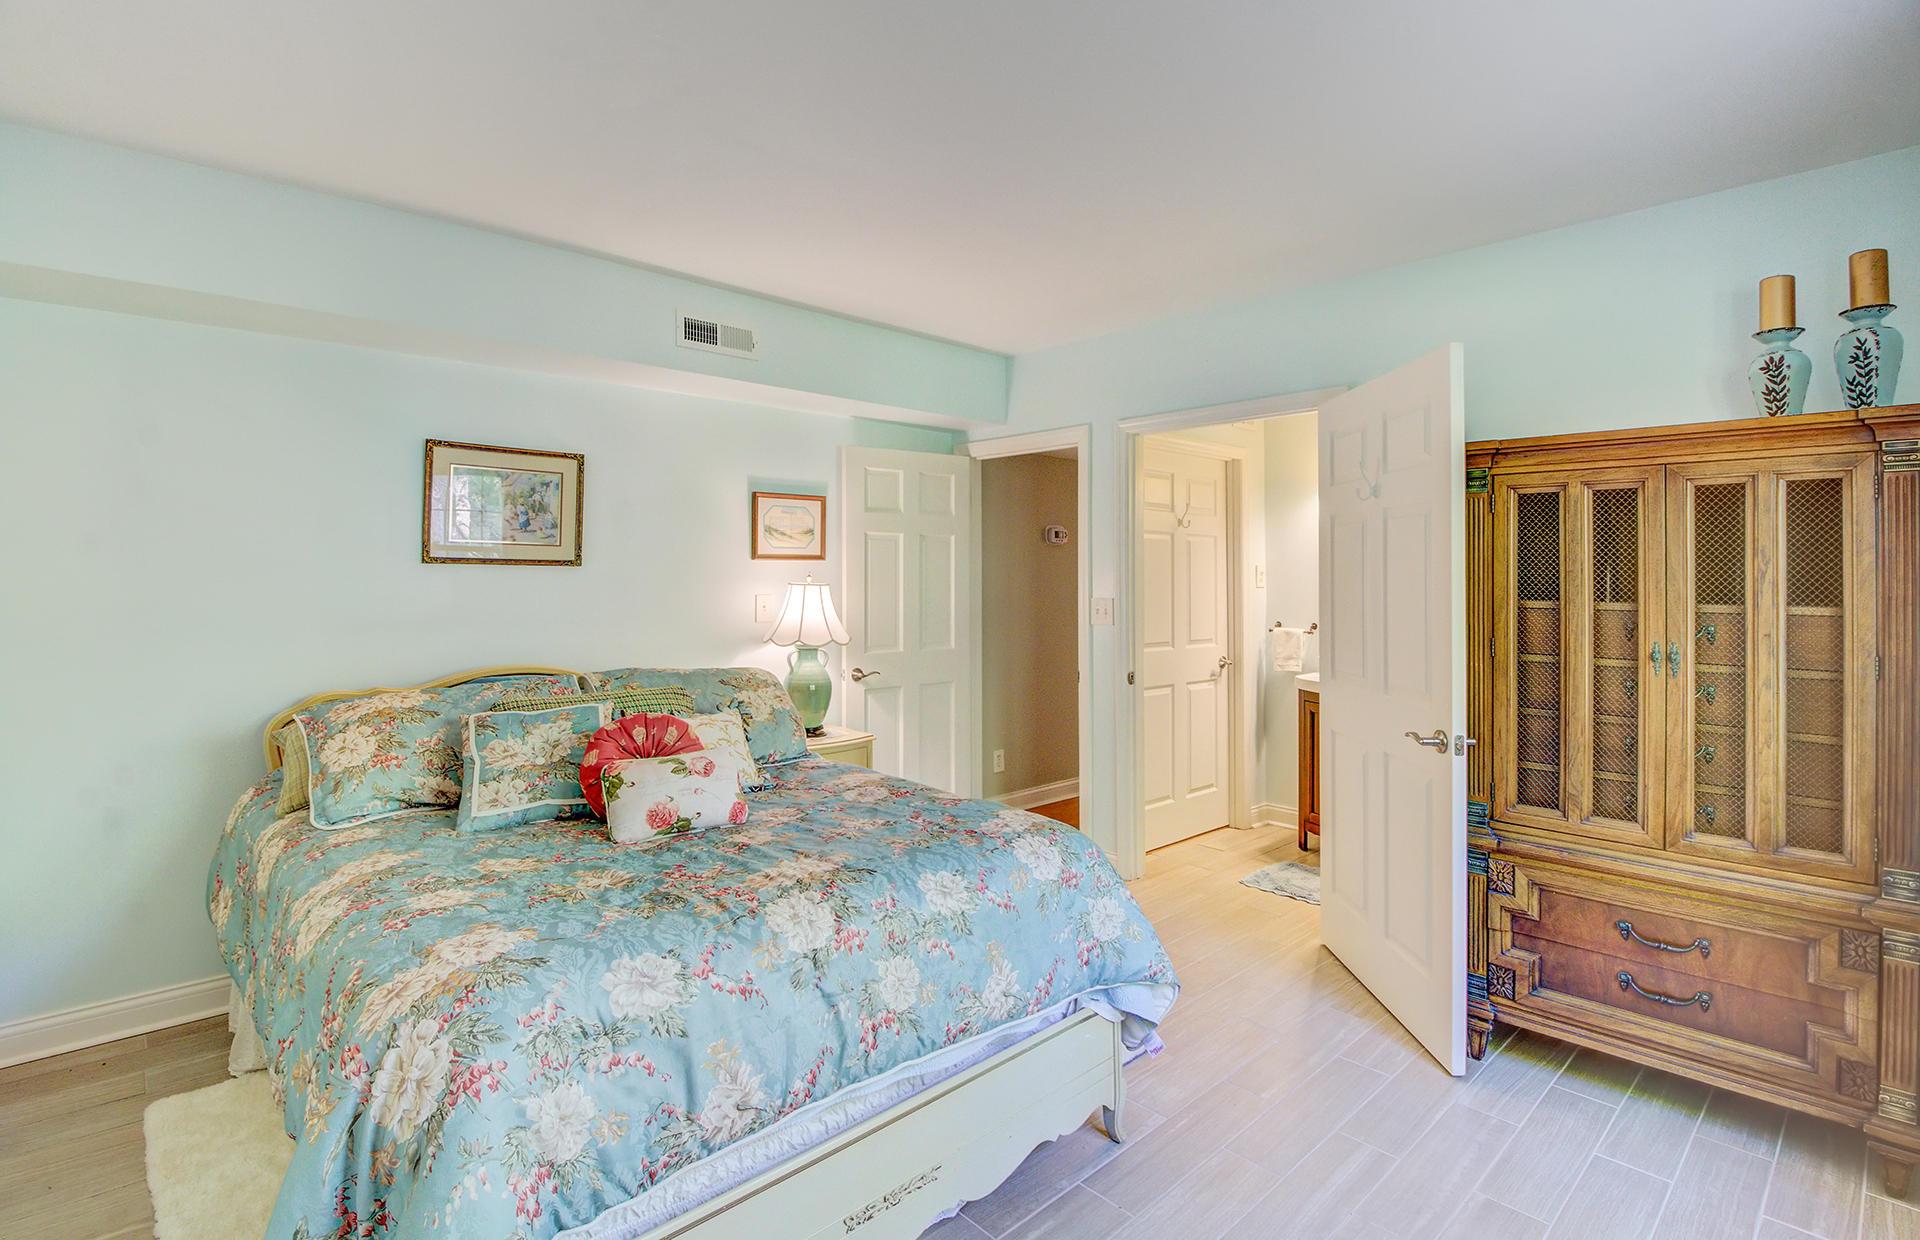 Pine Forest Inn Homes For Sale - 543 Simmons, Summerville, SC - 58